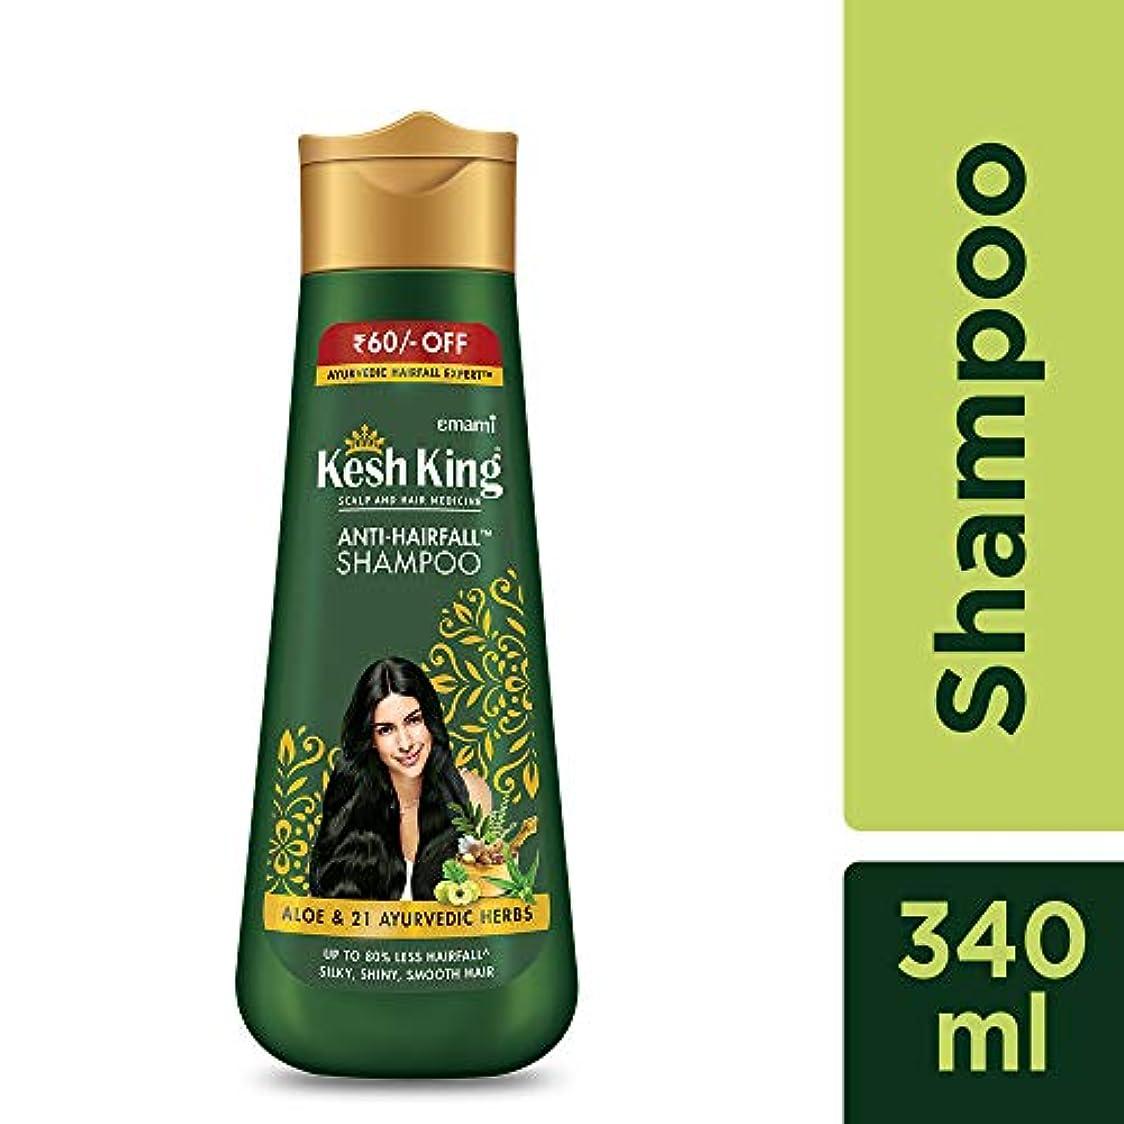 提案水を飲む吐くKesh King Scalp And Hair Medicine Anti Hairfall Shampoo, 340 ml